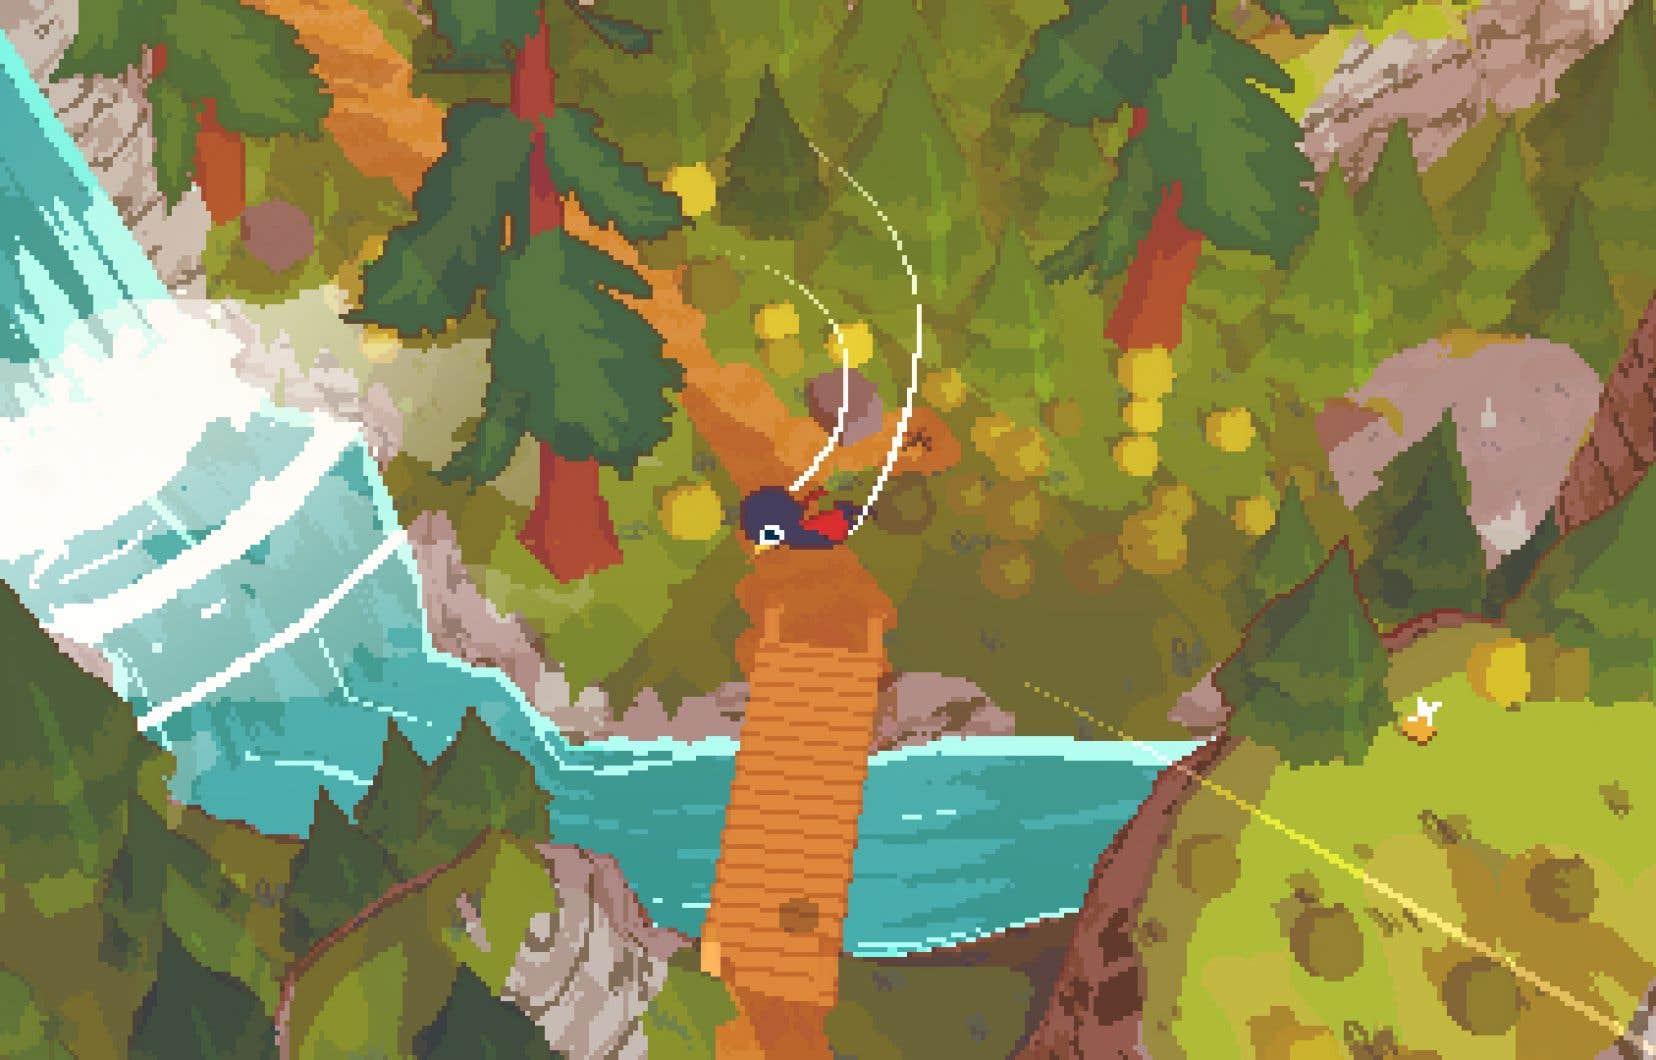 Le jeu est conçu avec le moteur Unity, mais il arrive à trouver sa propre signature visuelle.